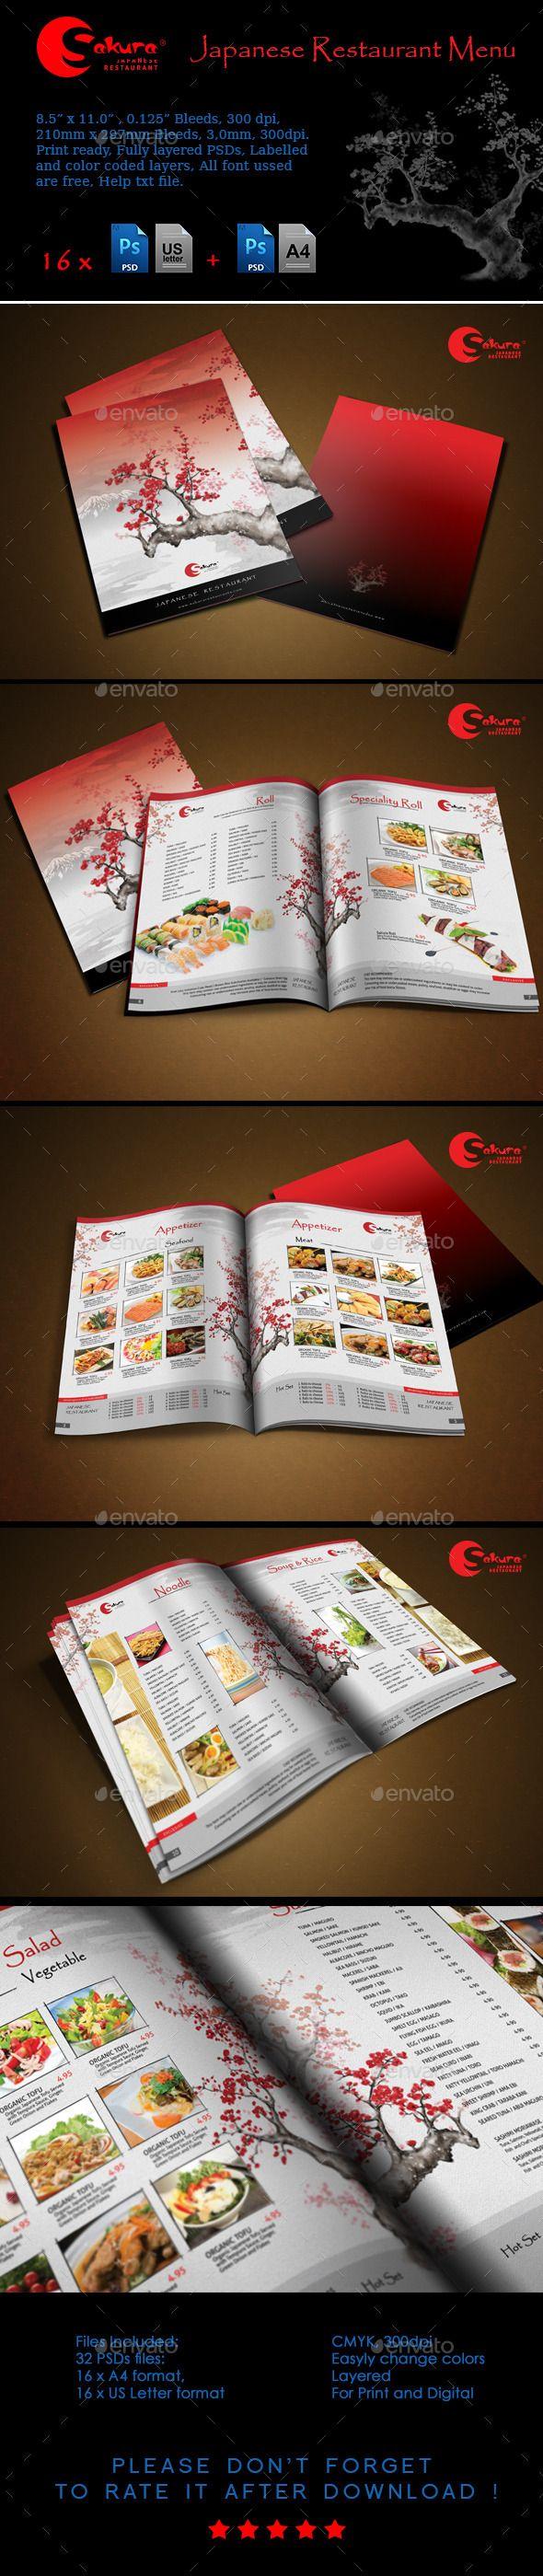 Sakura Restaurant Menu - Food Menus Print Templates Download here : http://graphicriver.net/item/sakura-restaurant-menu/5659896?s_rank=1292&ref=Al-fatih